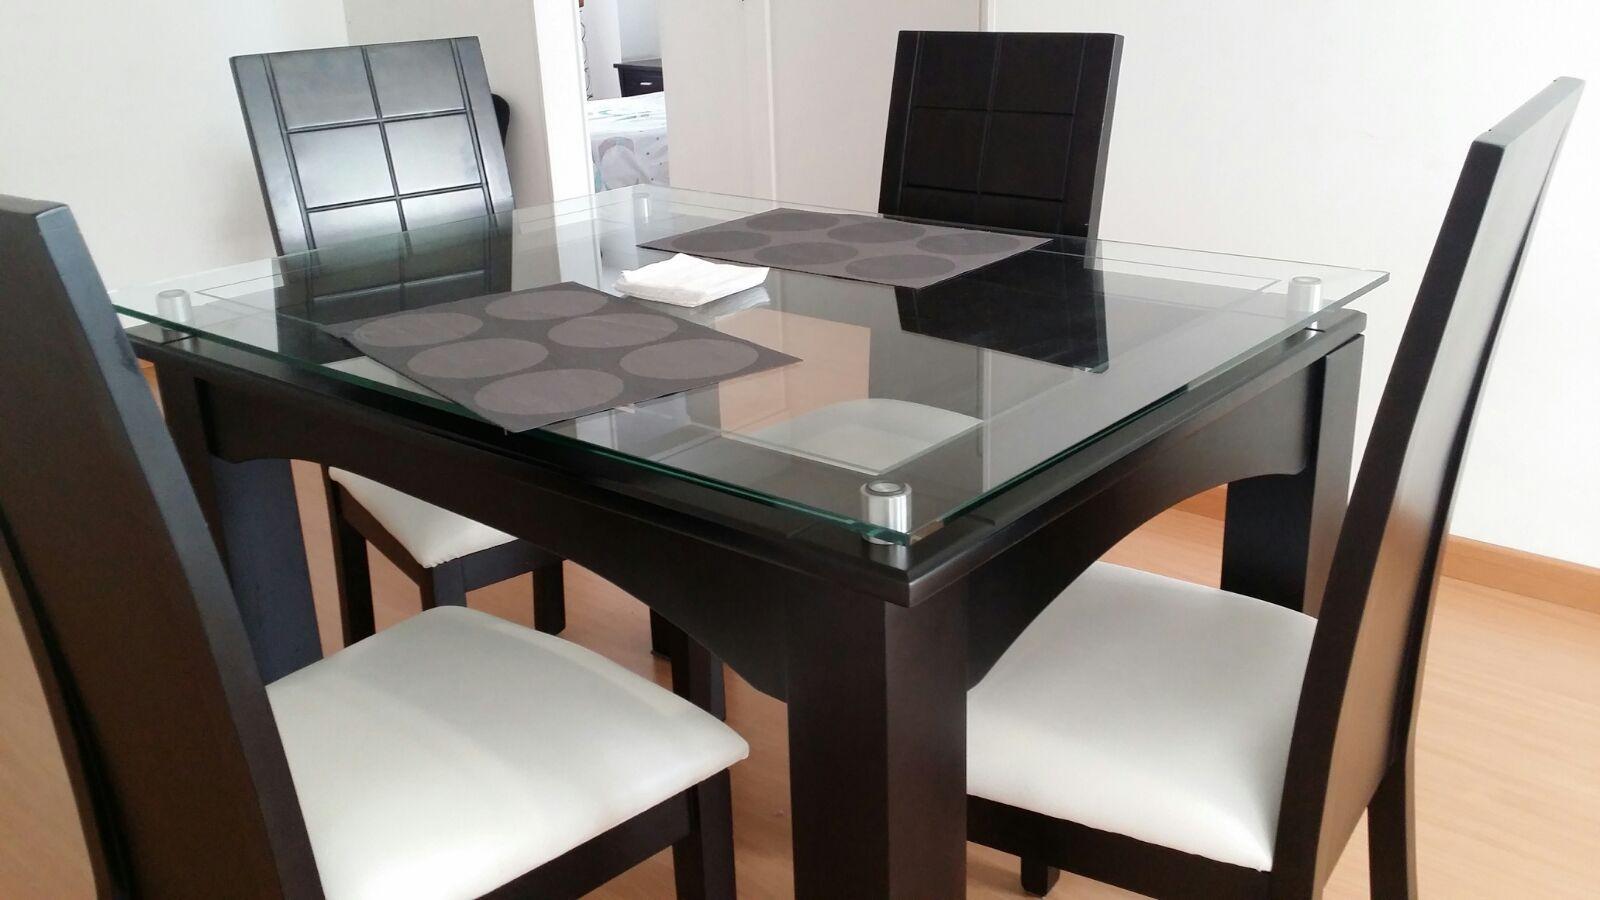 comedor de 4 puestos en madera y vidrio comedor